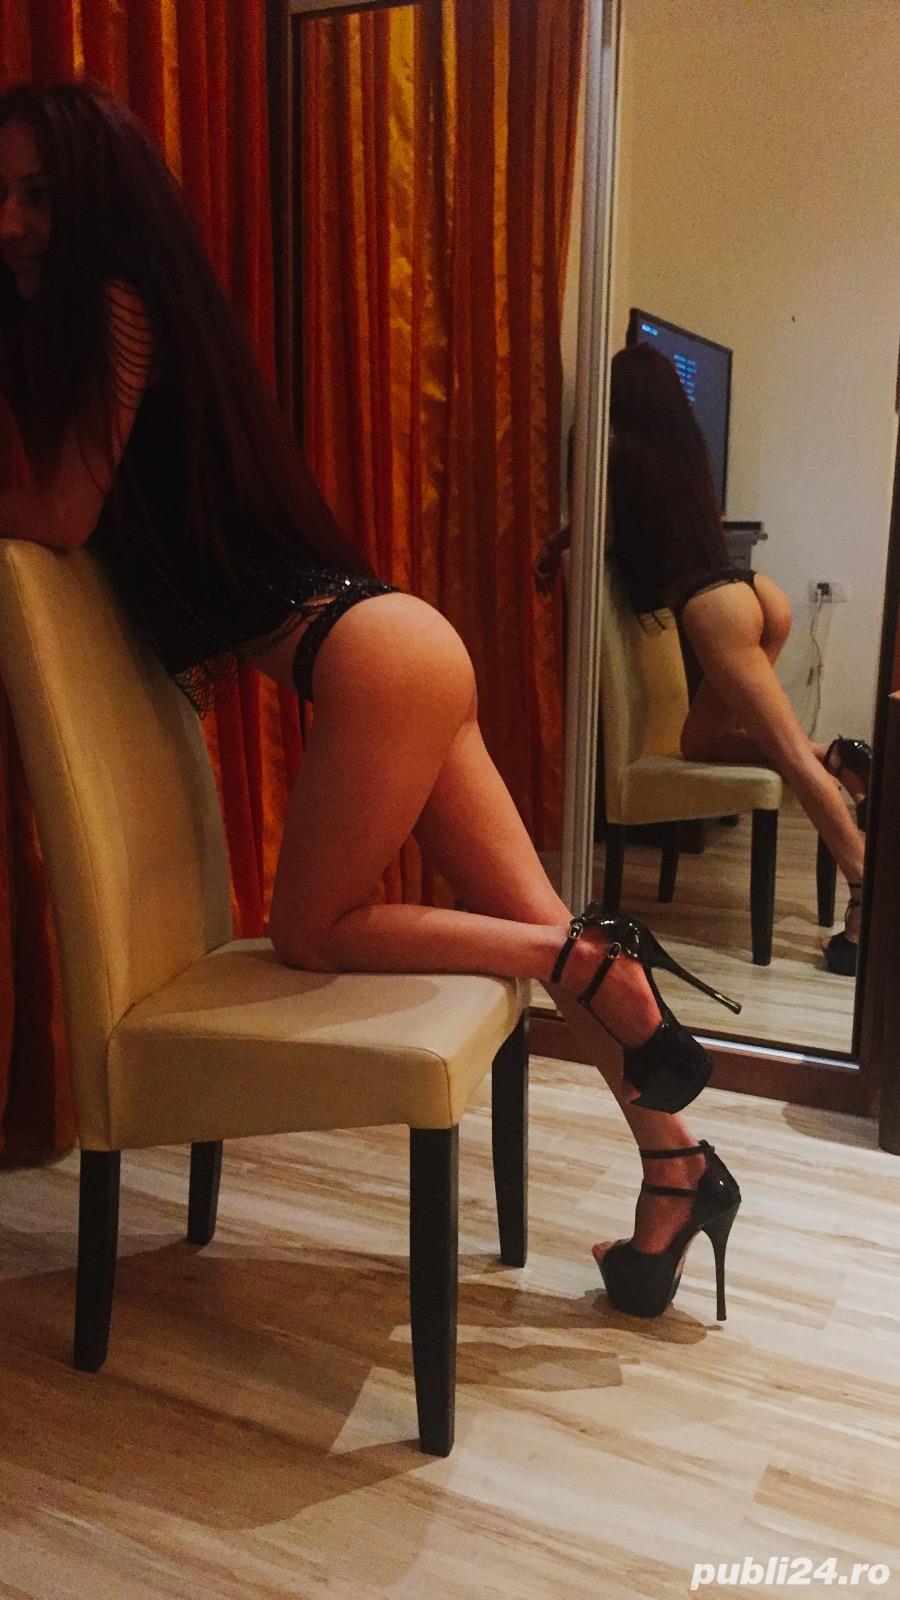 Natalia 19 ani, curva de lux noua pe site